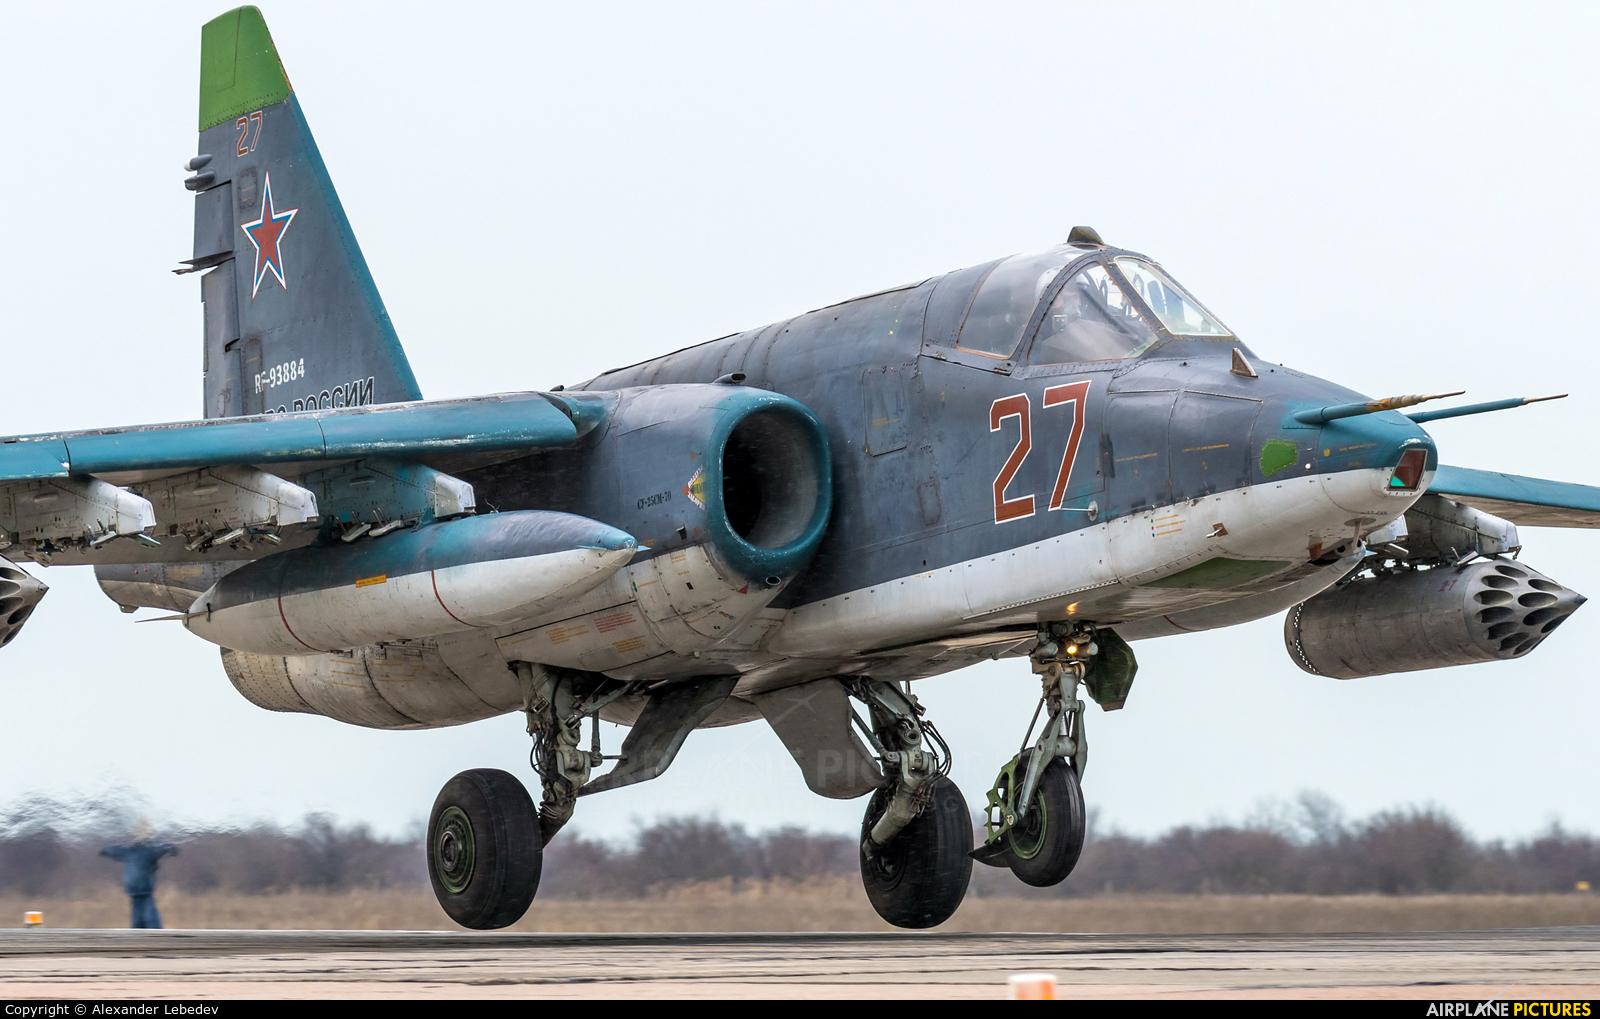 Russia - Air Force RF-93884 aircraft at Primorsko-Akhtarsk